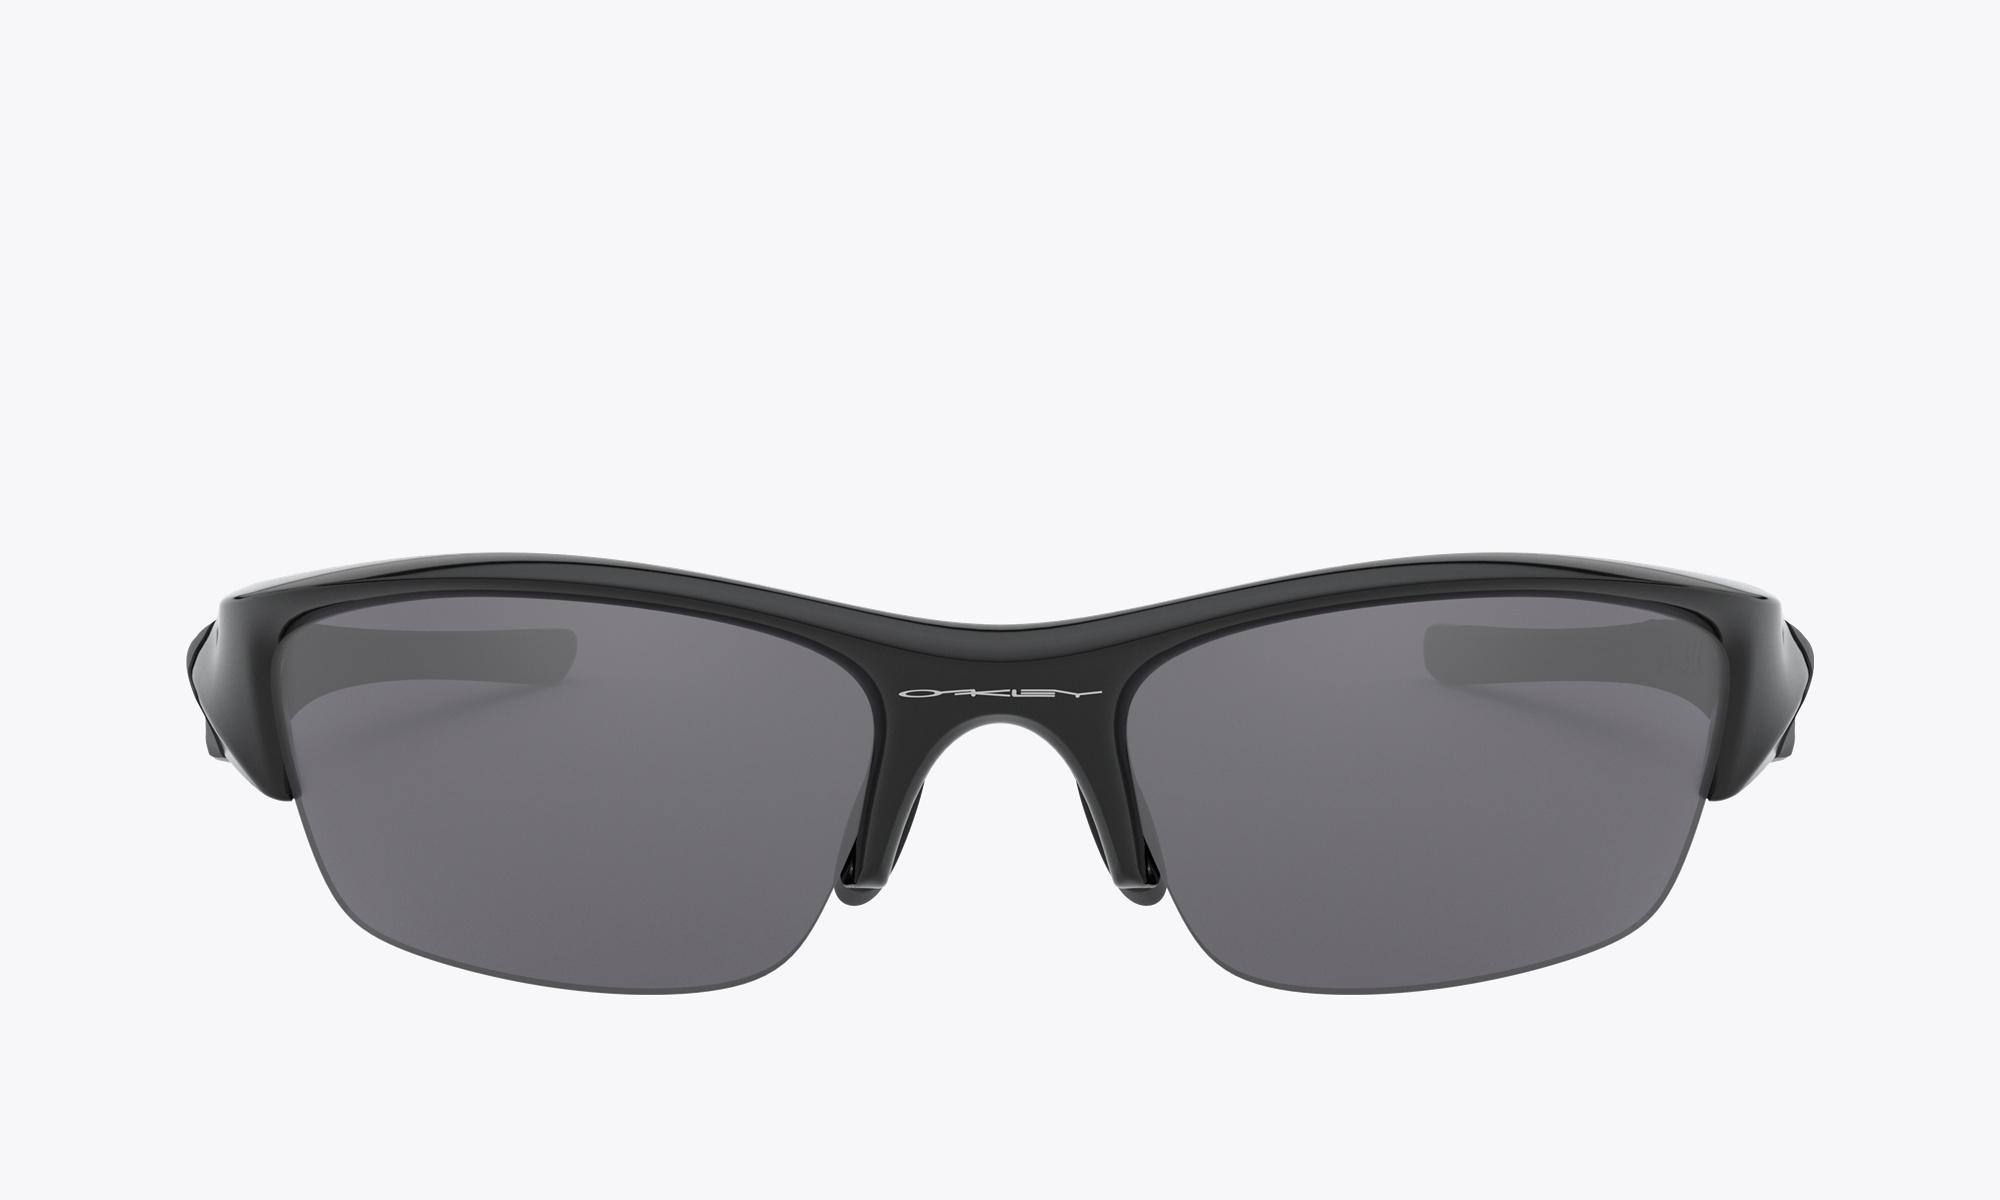 Image of Oakley FLAK JACKET color Black